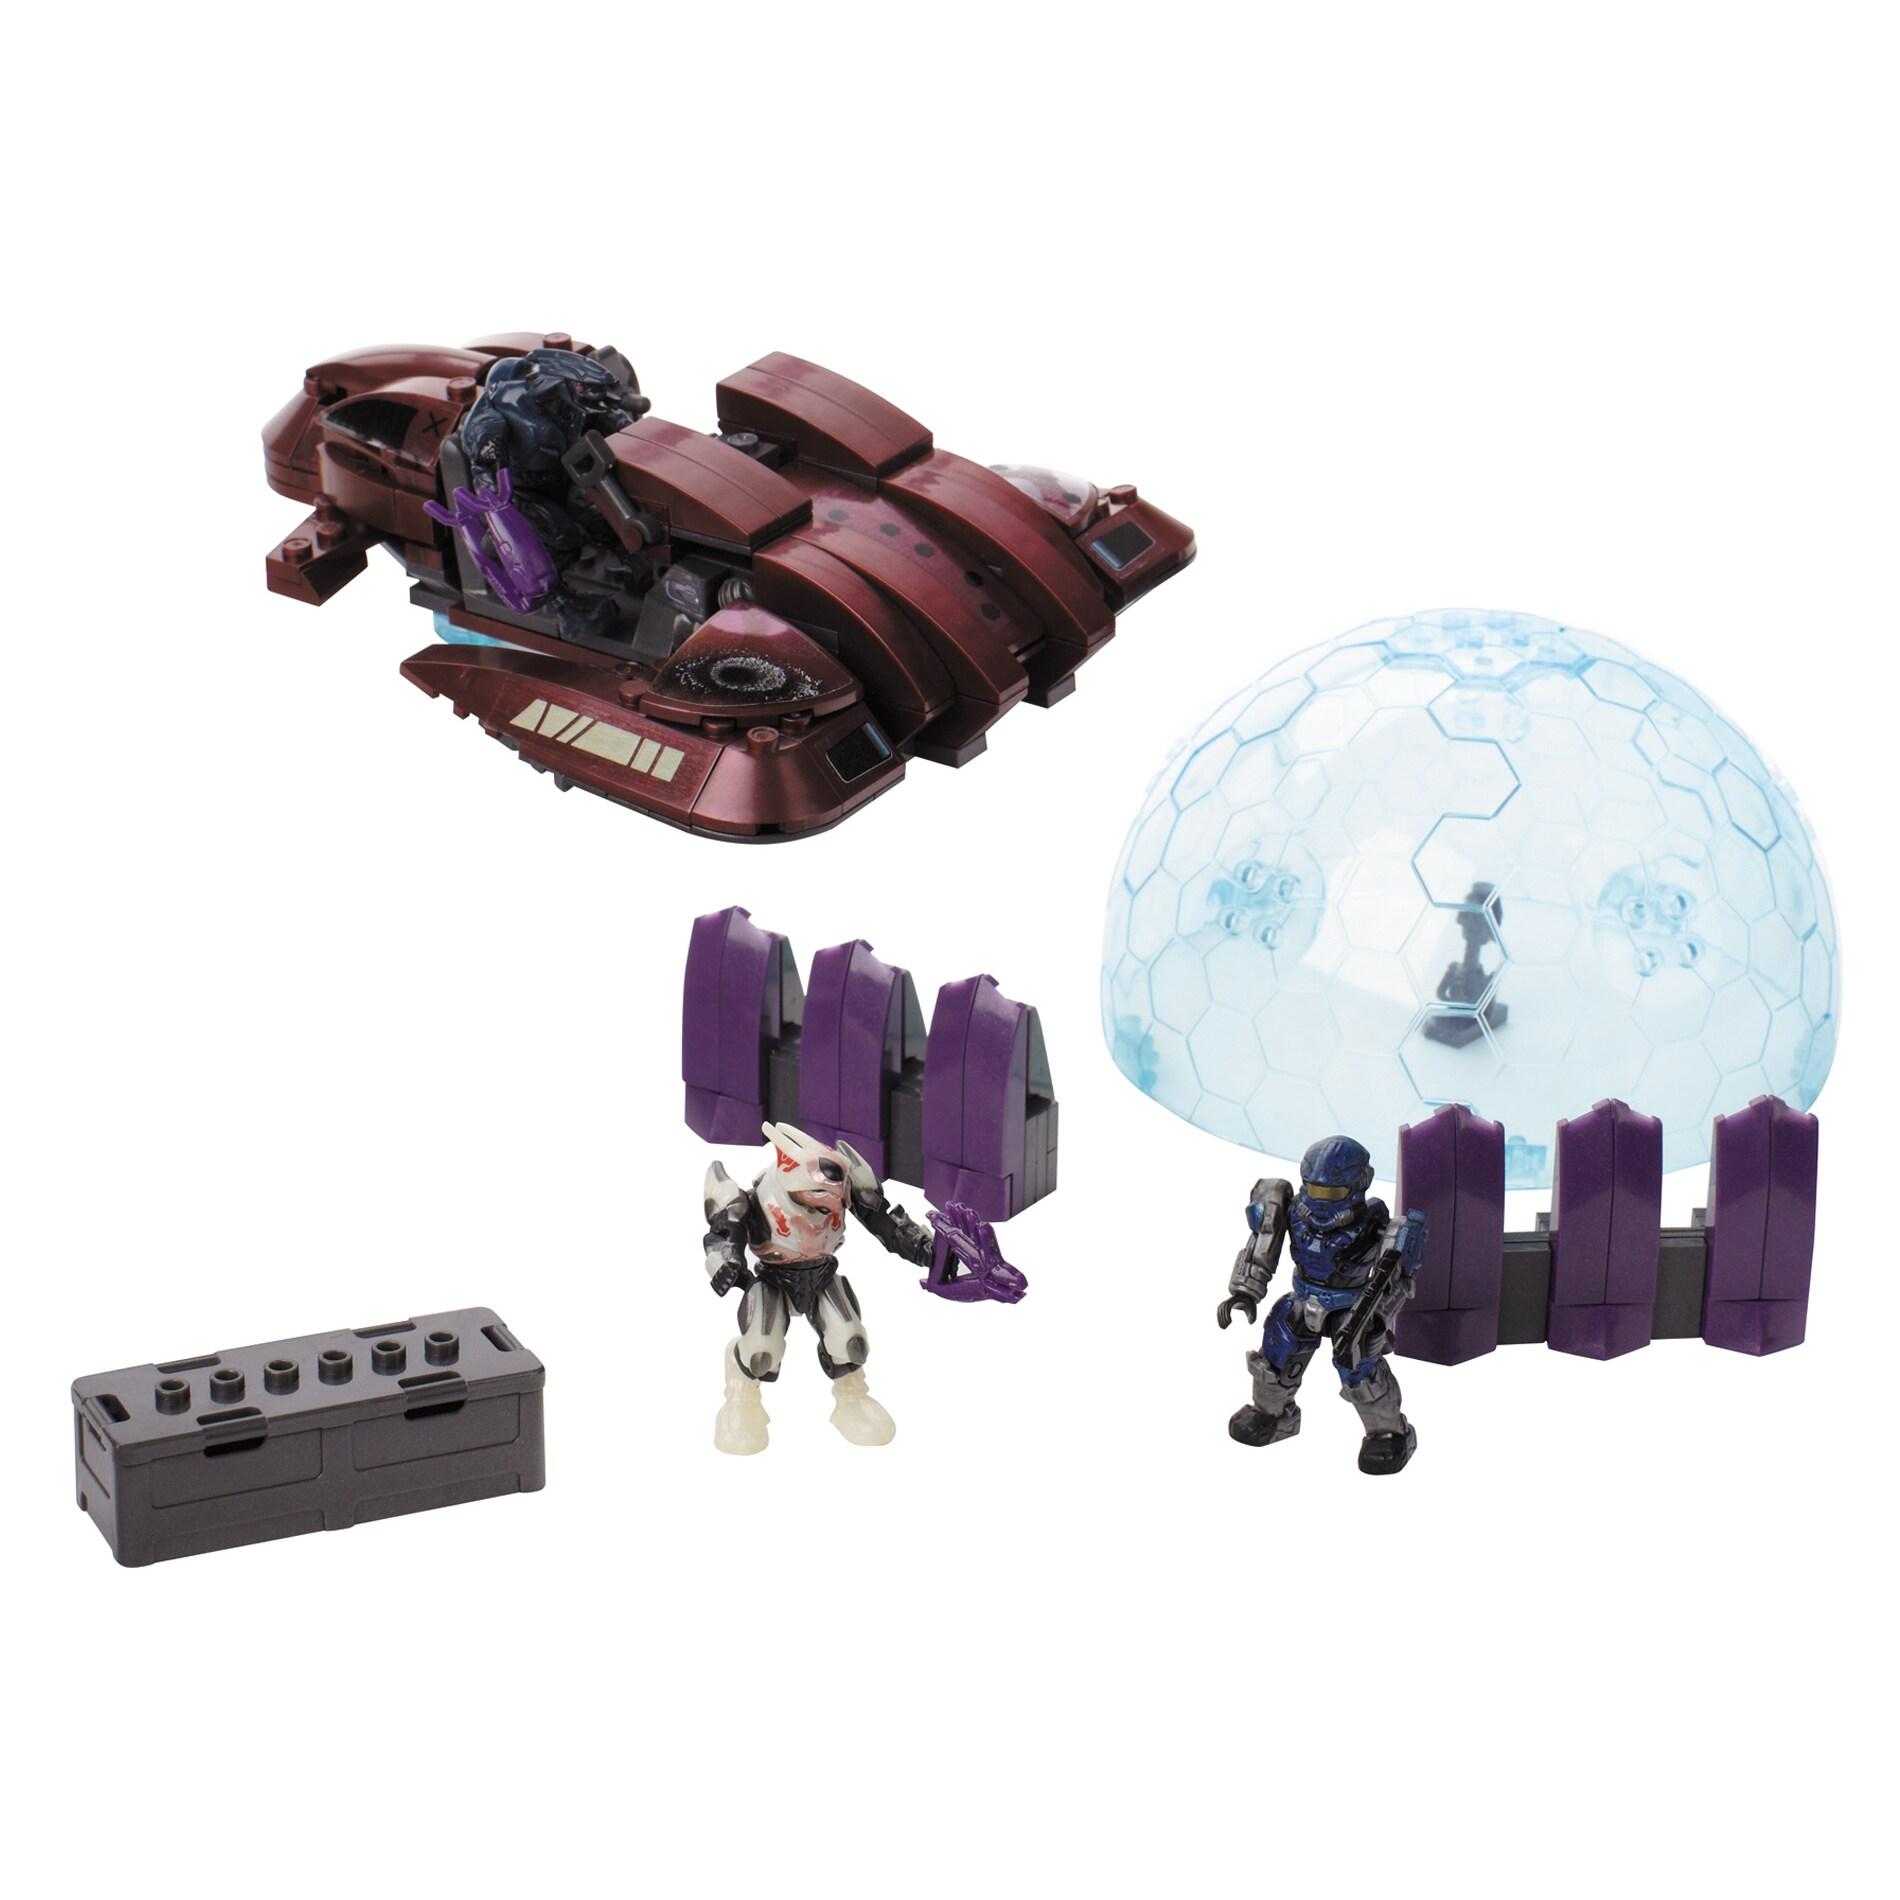 Mega Bloks Halo Covenant Revenant Attack Playset